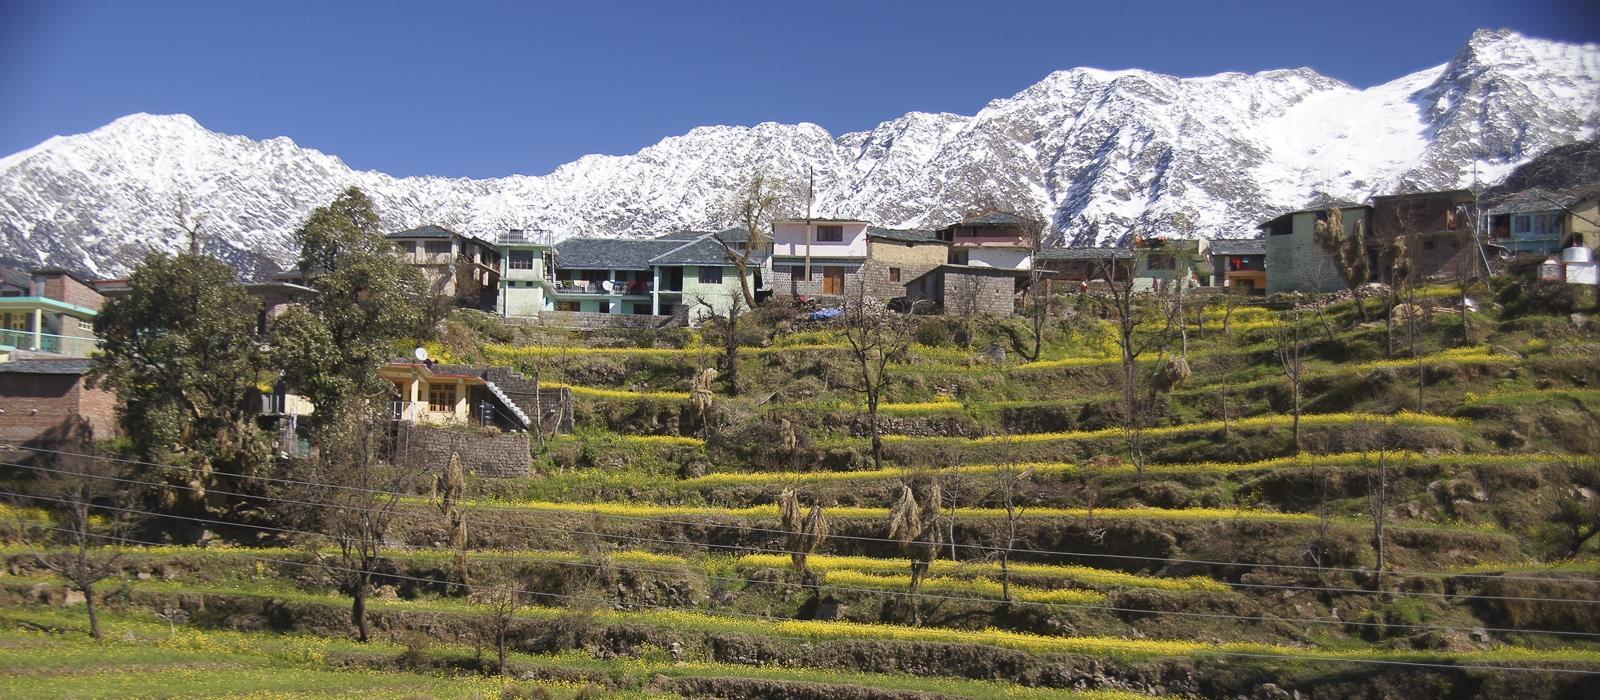 Voyage organisé en petit groupe - Dharamsala - Inde du nord - Agence de voyage Les Routes du Monde